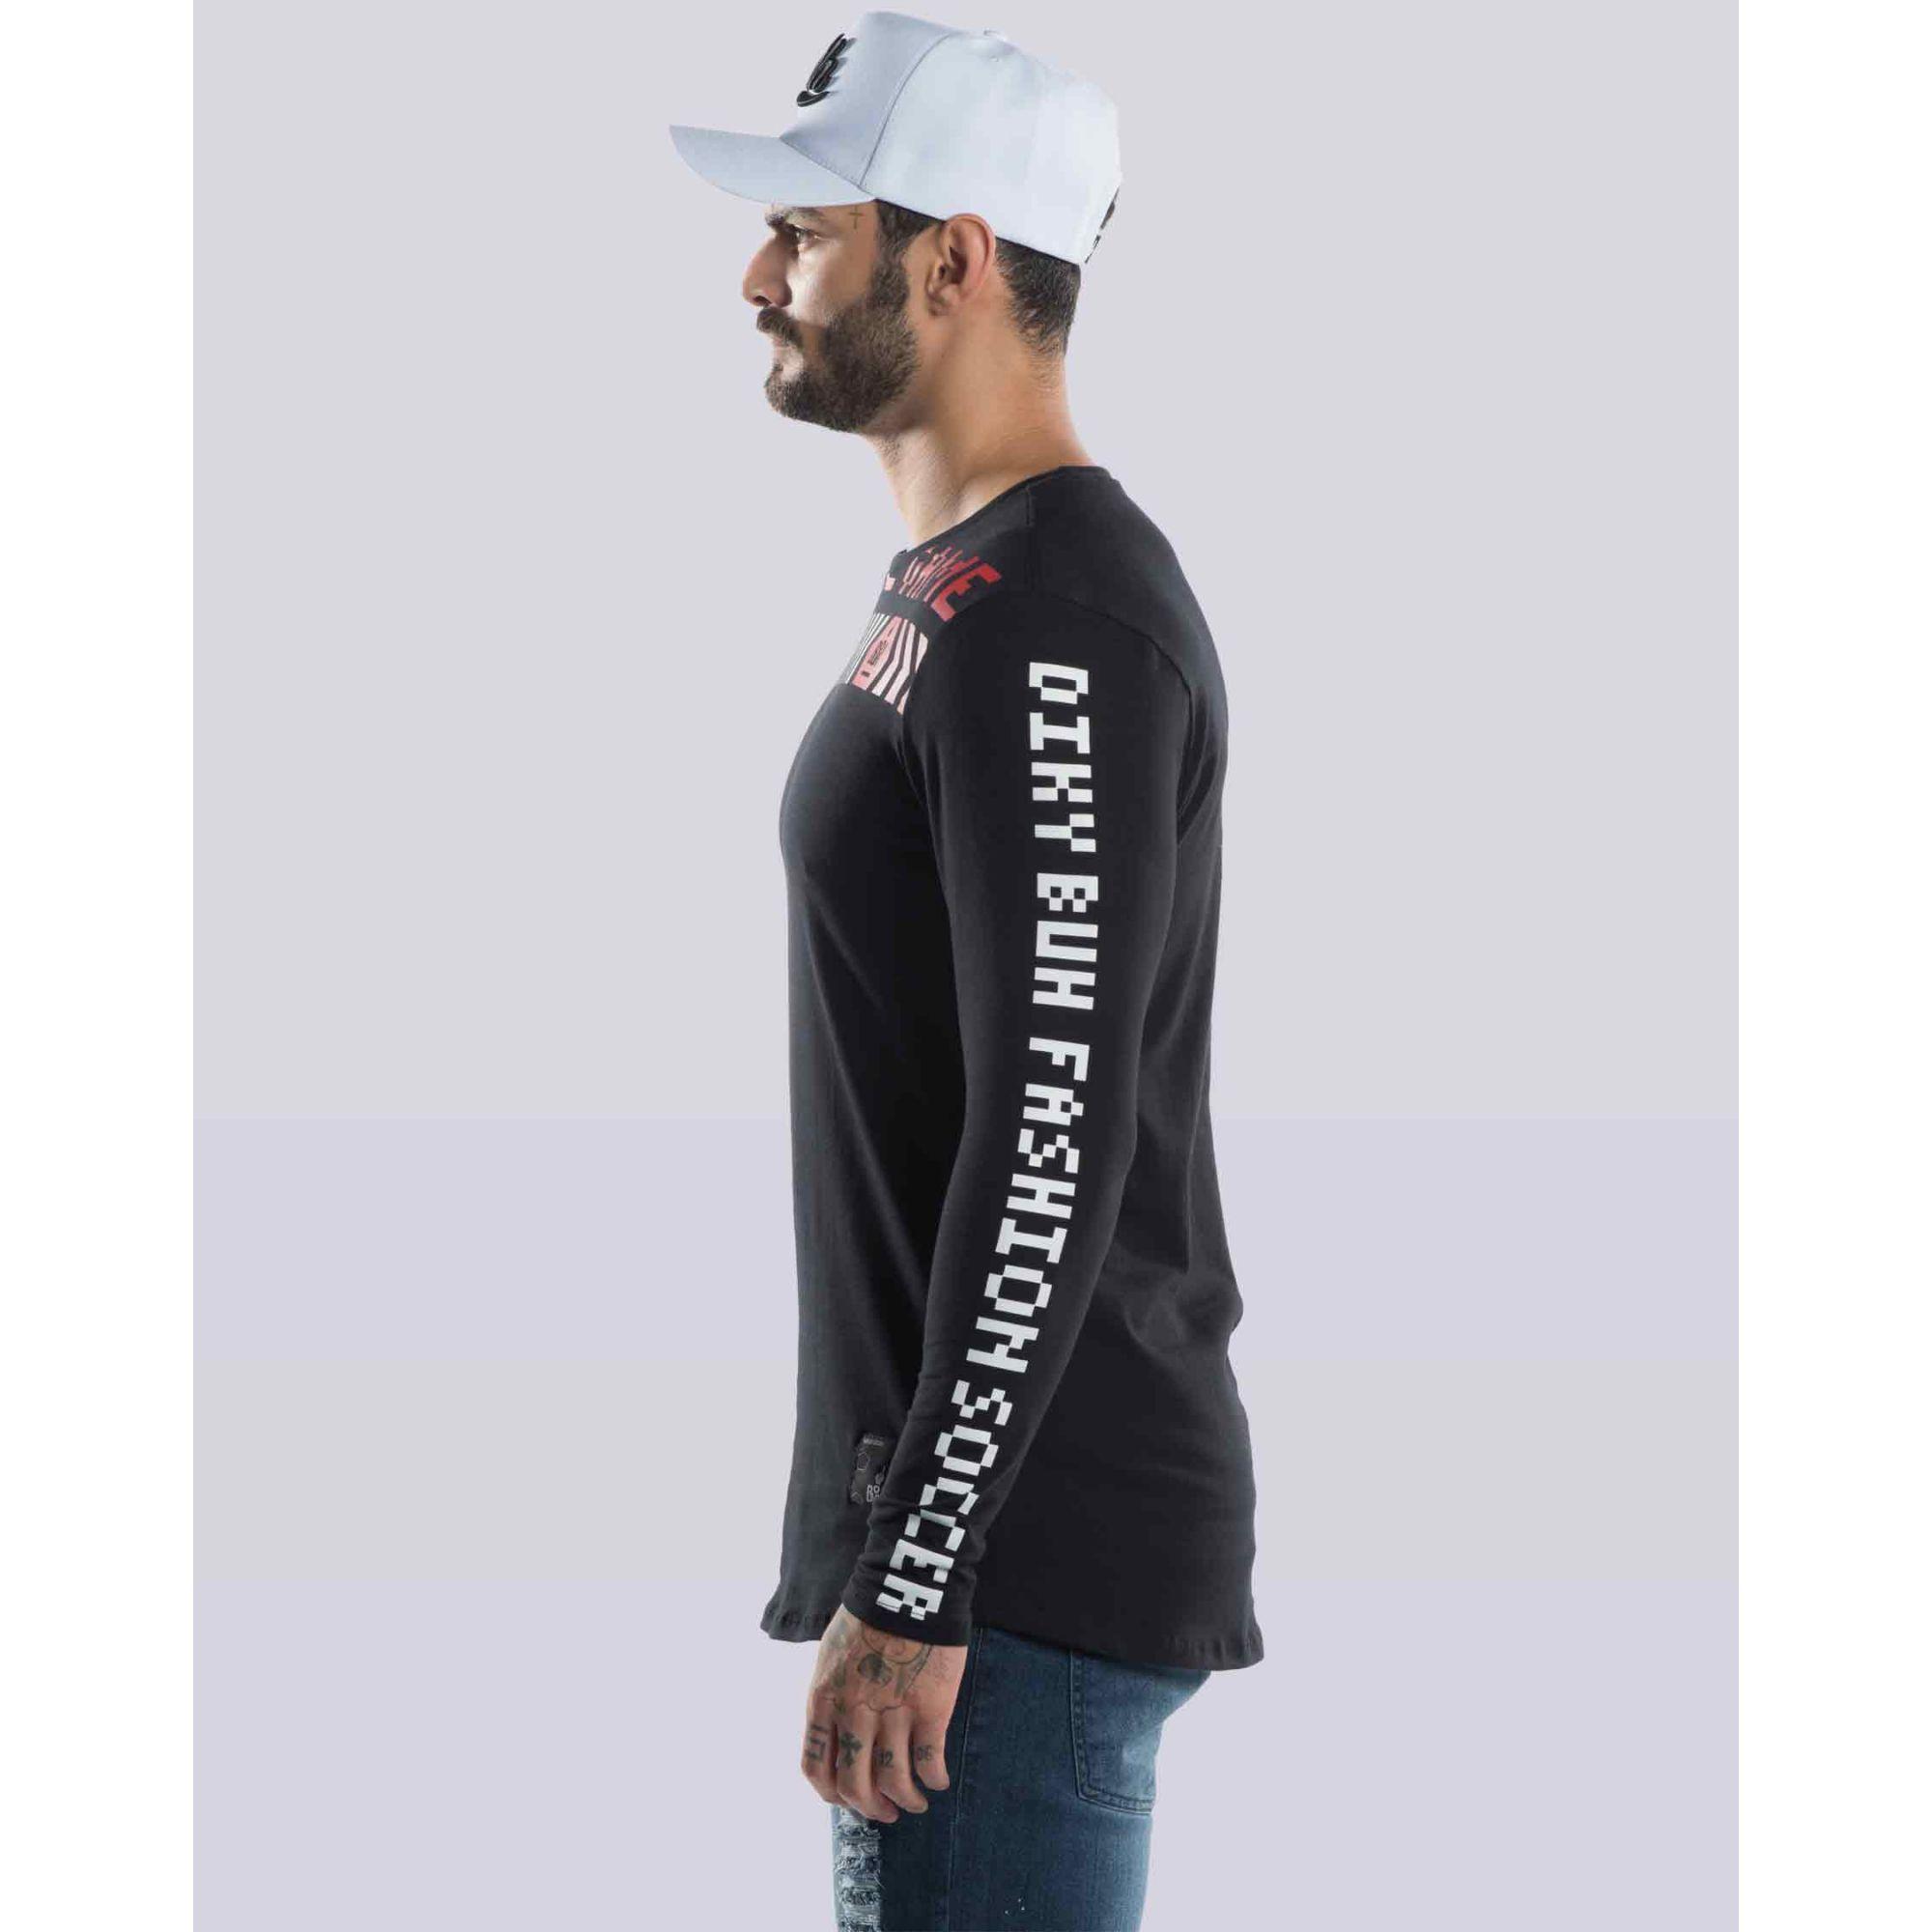 Camiseta Buh Manga Longa Pixel Black